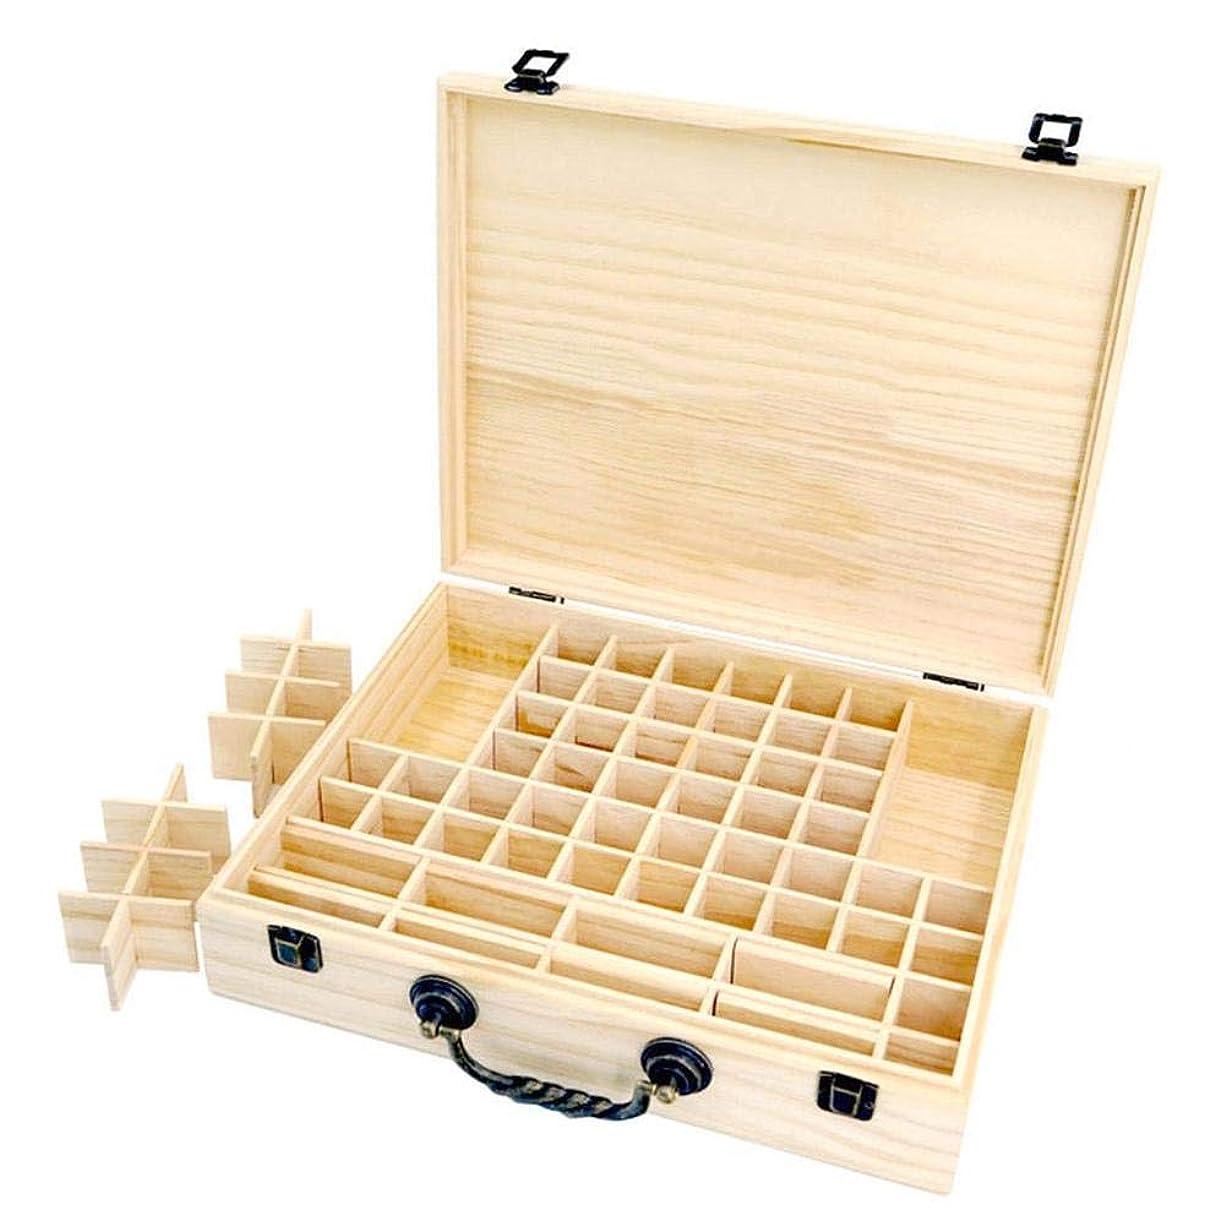 集中的な精神同情的エッセンシャルオイル収納ボックス 収納ケース 保存ボックス パイン製 取り外し可能なメッシュ 70グリッド 持ち運び便利 junexi